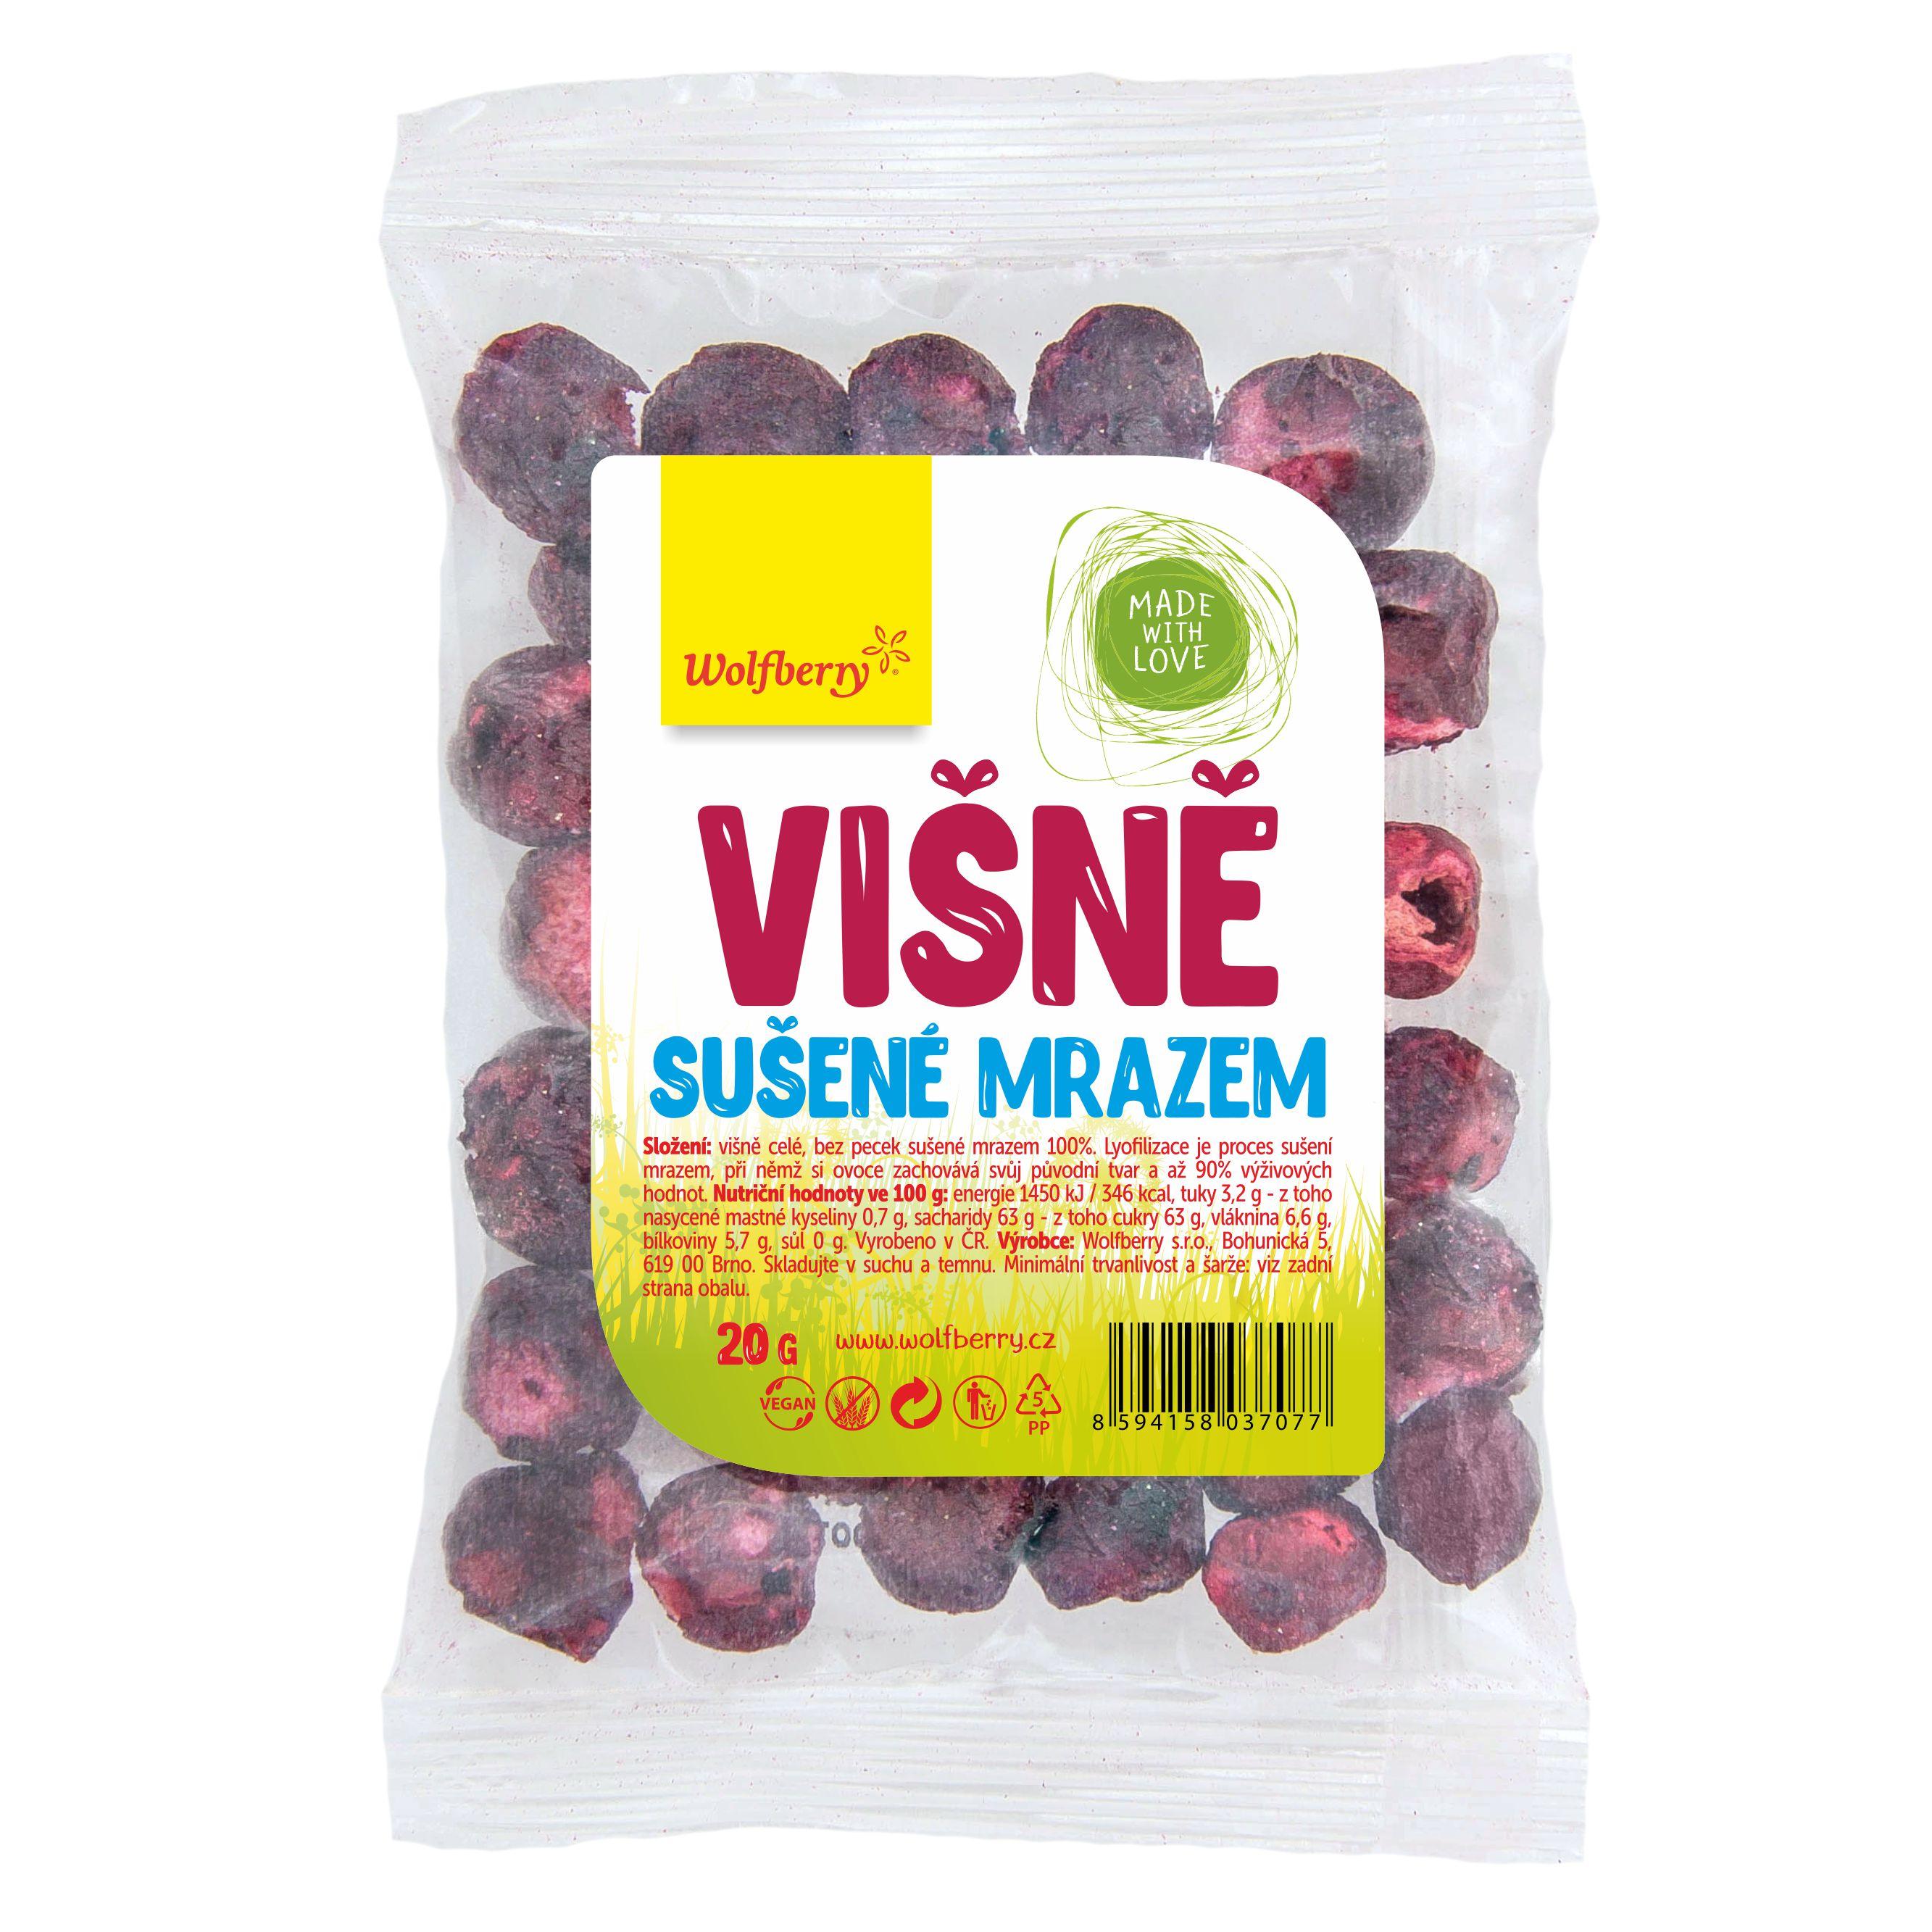 Wolfberry Višně sušené mrazem 20 g Wolfberry 20 g